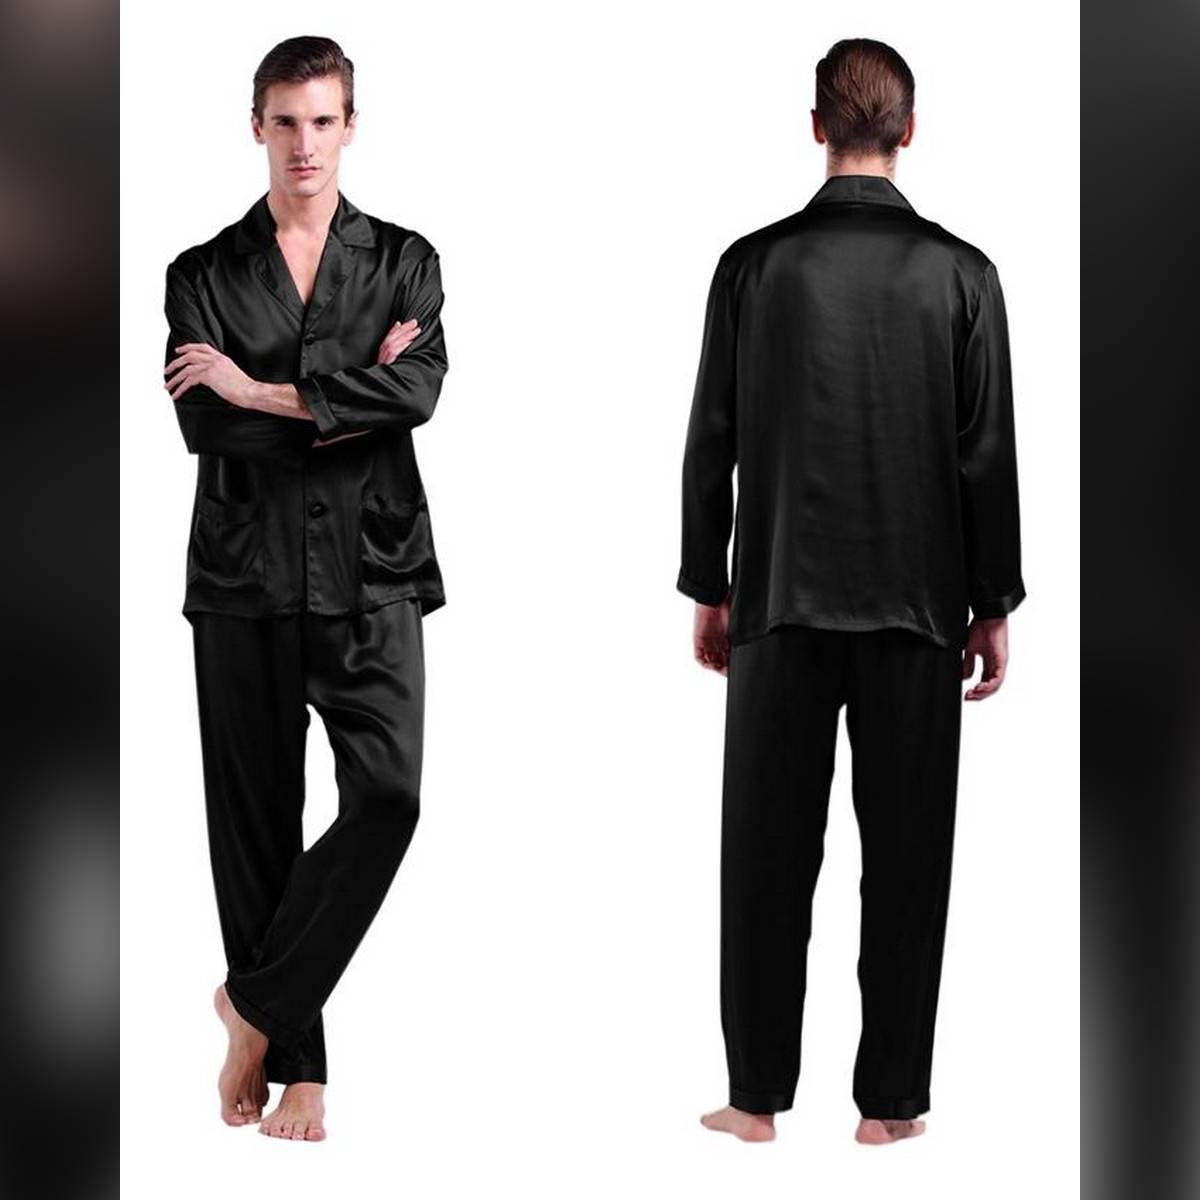 Classic Satin Long Sleeve Shirt & Pants Pajama Set For Men